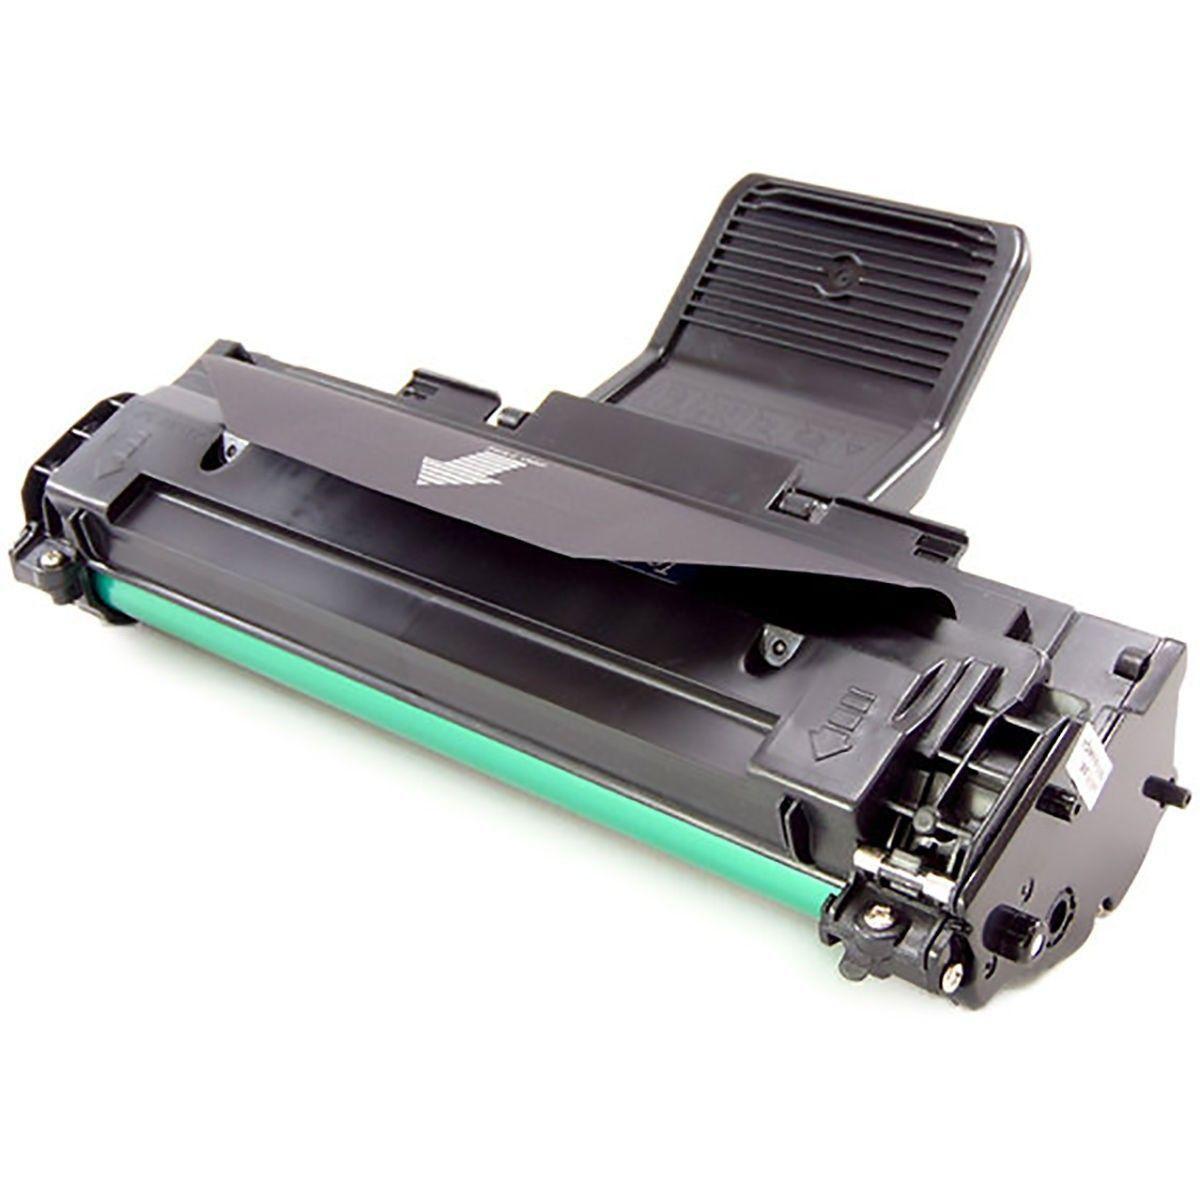 Compatível: Toner SCX4521 ML1610 ML2010 para Samsung SCX-4521 SCX-4521f SCX-4521fn 4321 ML-2010 ML-1610 / Preto / 2.000